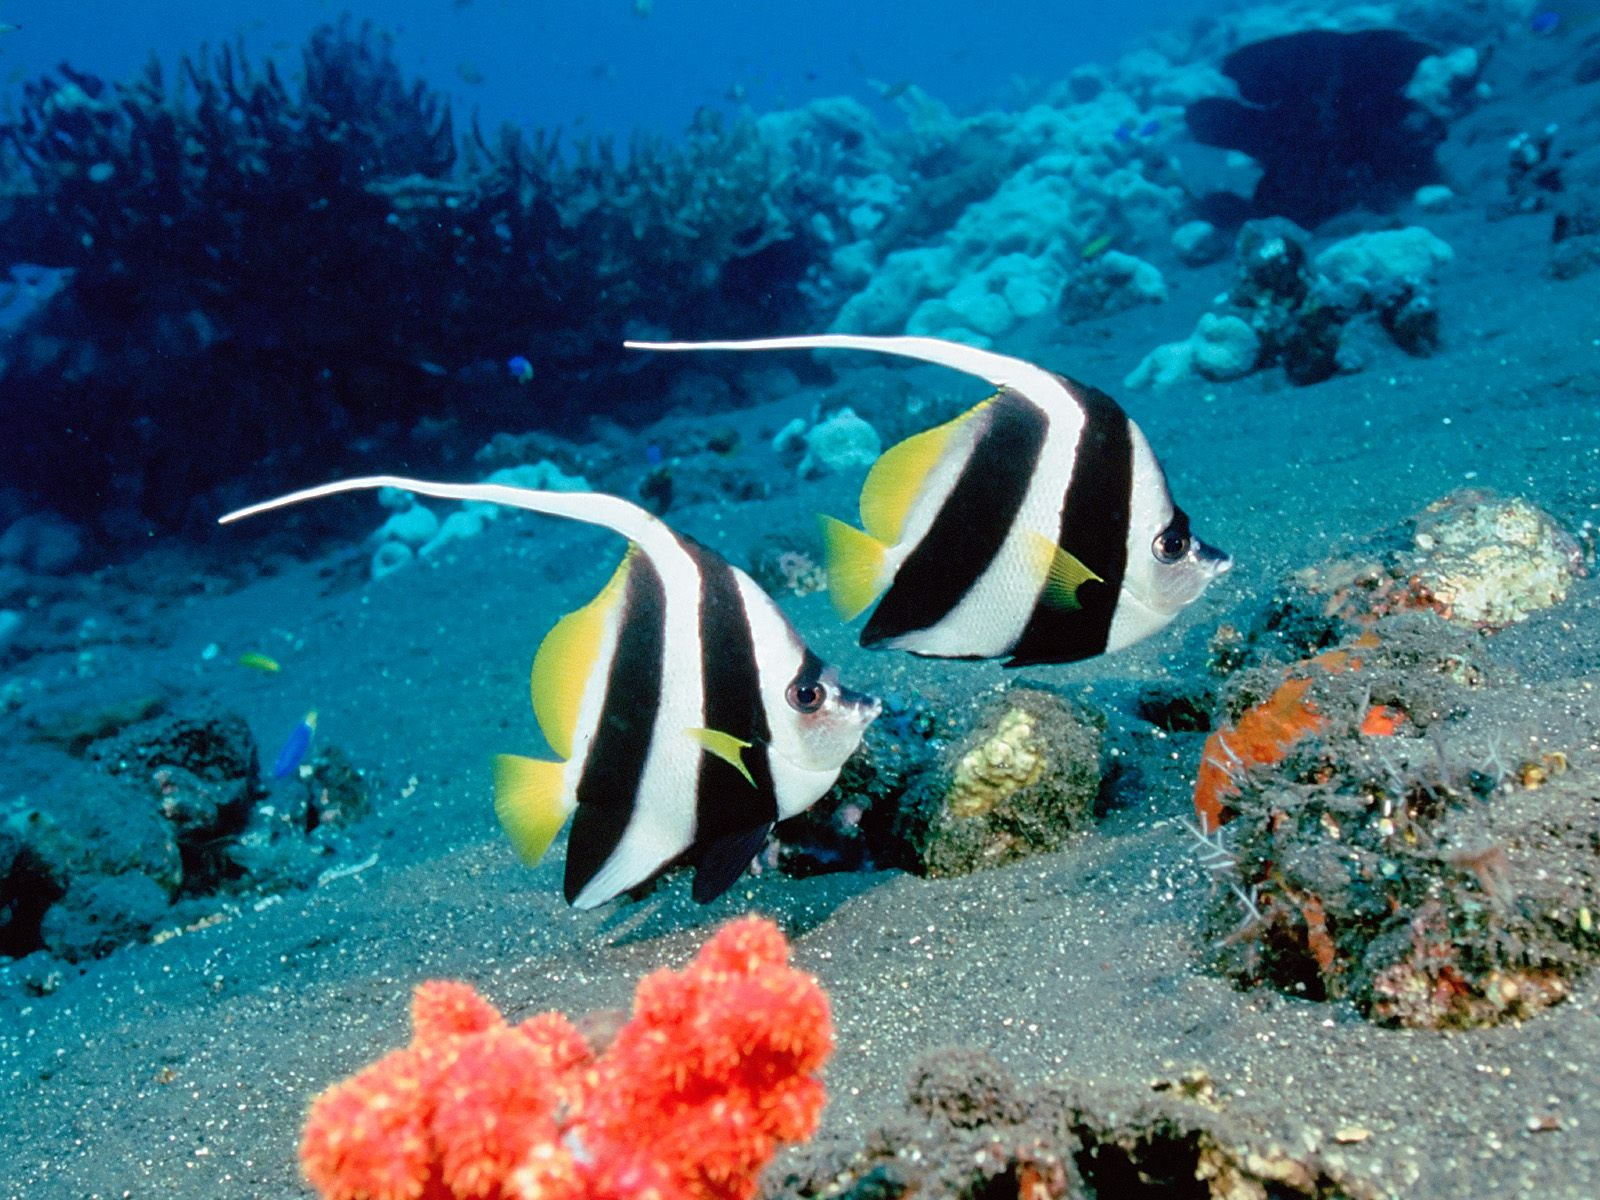 http://1.bp.blogspot.com/-tKzU7BKS9WI/T7QIIyM5vVI/AAAAAAAADik/zwrozAw5_60/s1600/Fish-HD-Wallpaper-01.jpg